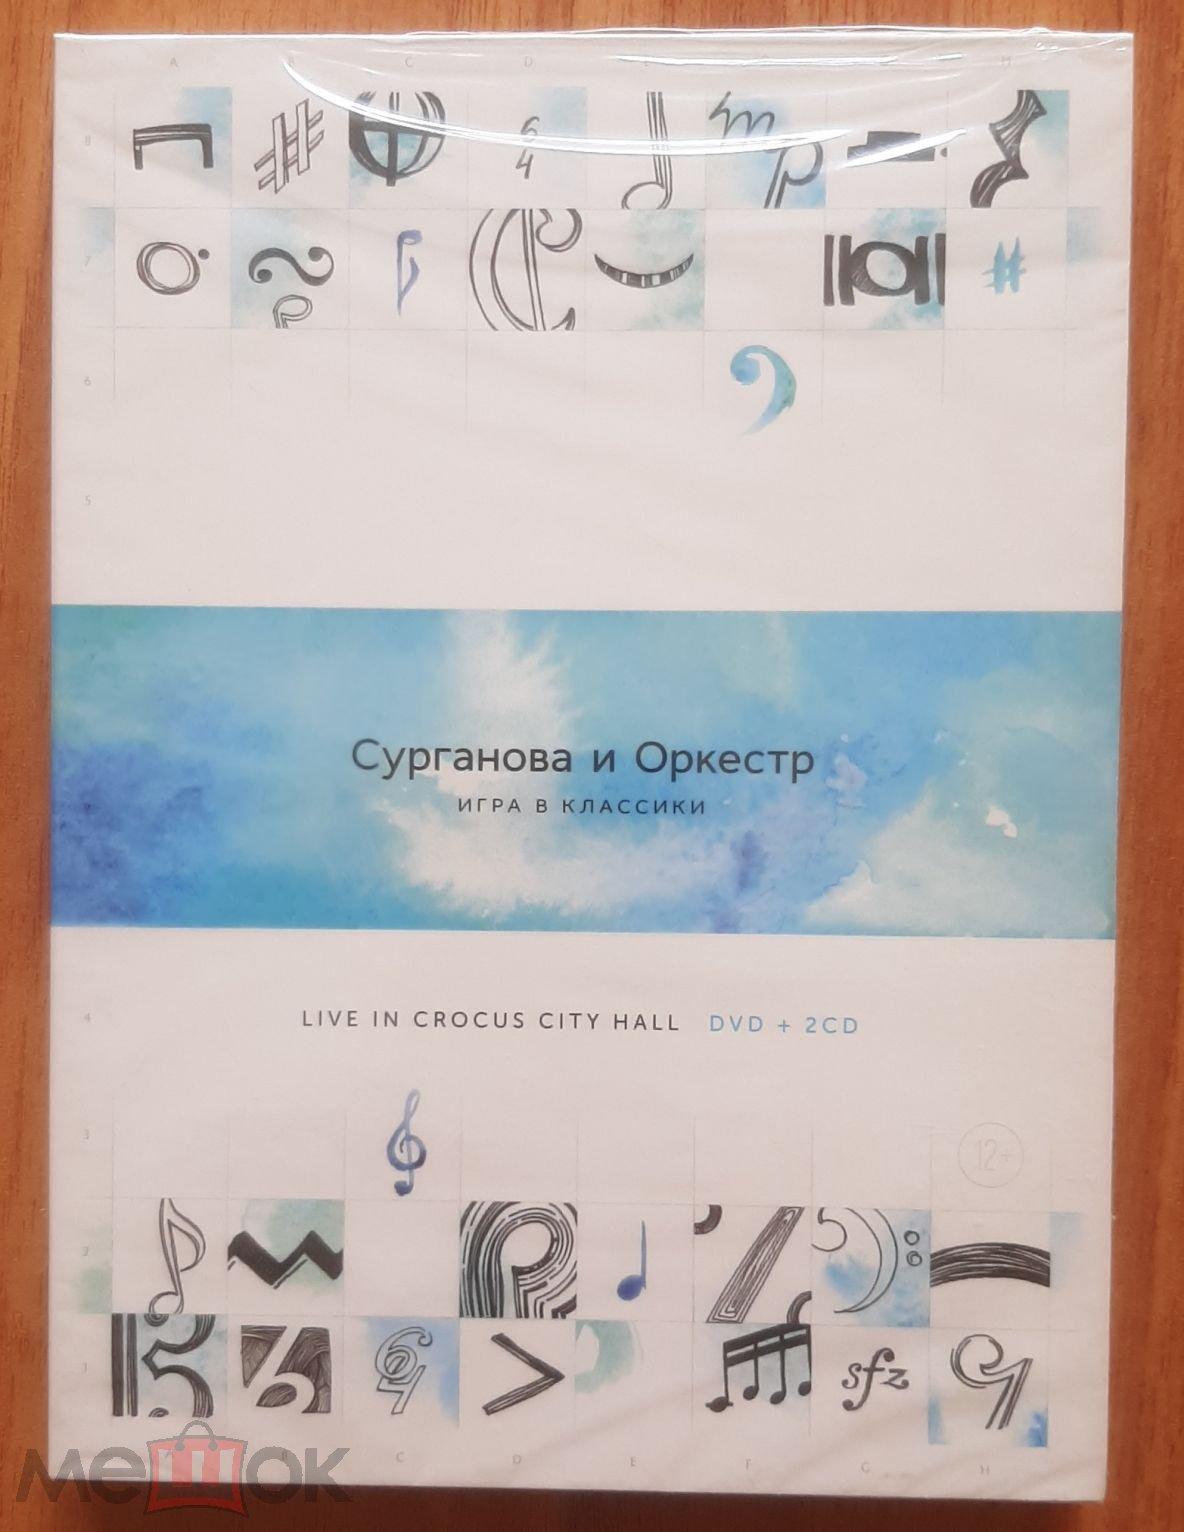 """Сурганова и Оркестр """"Игра в классики"""" (2CD+DVD) (в заводской упаковке)"""